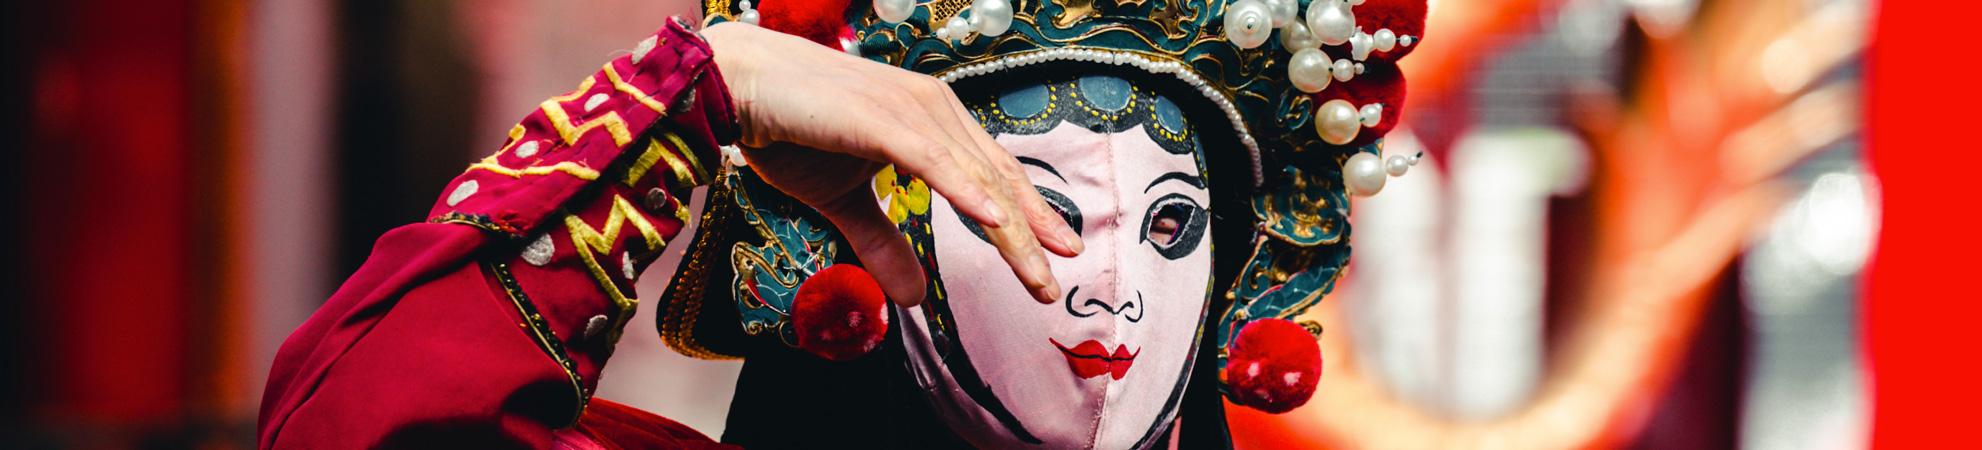 L'artisanat en Chine et l'art à la chinoise